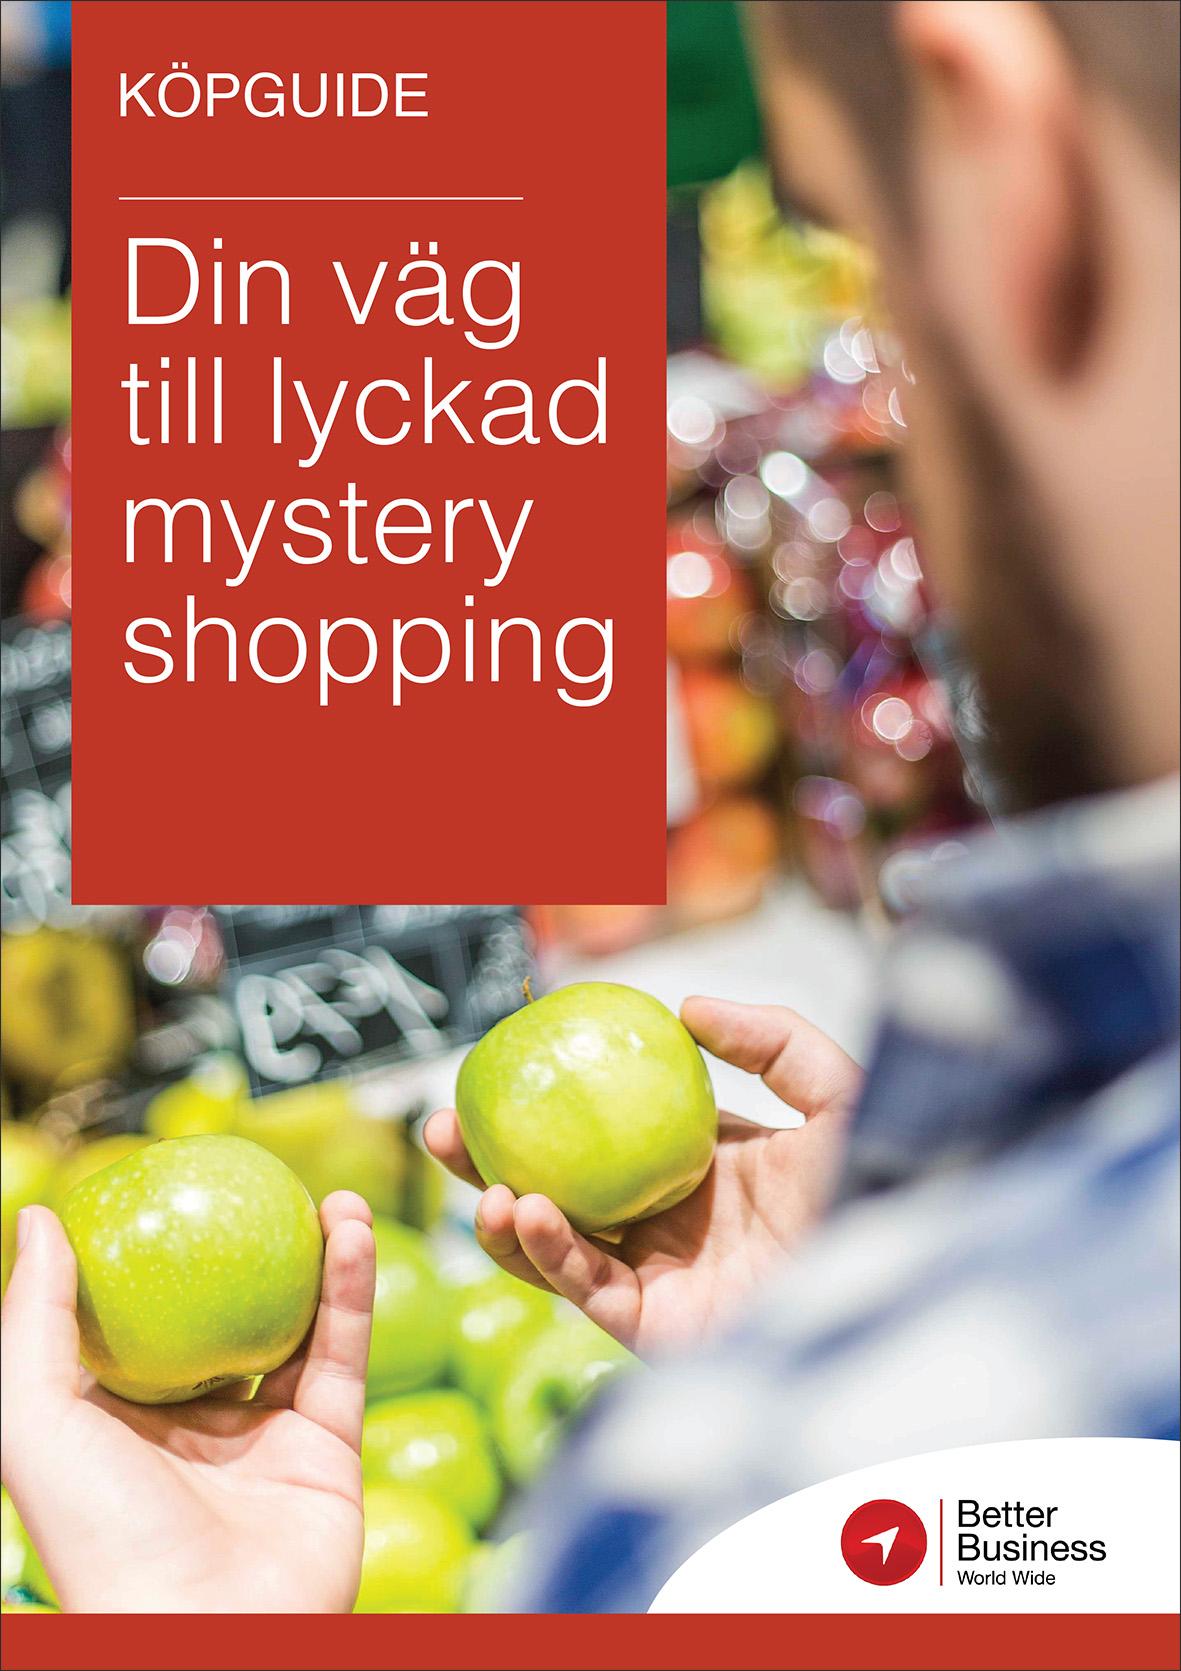 Köpguide: Så lyckas du med Mystery Shopping. En hjälpande guide för dig som vill jämföra eller utvärdera Mystery Shopping-leverantörer.